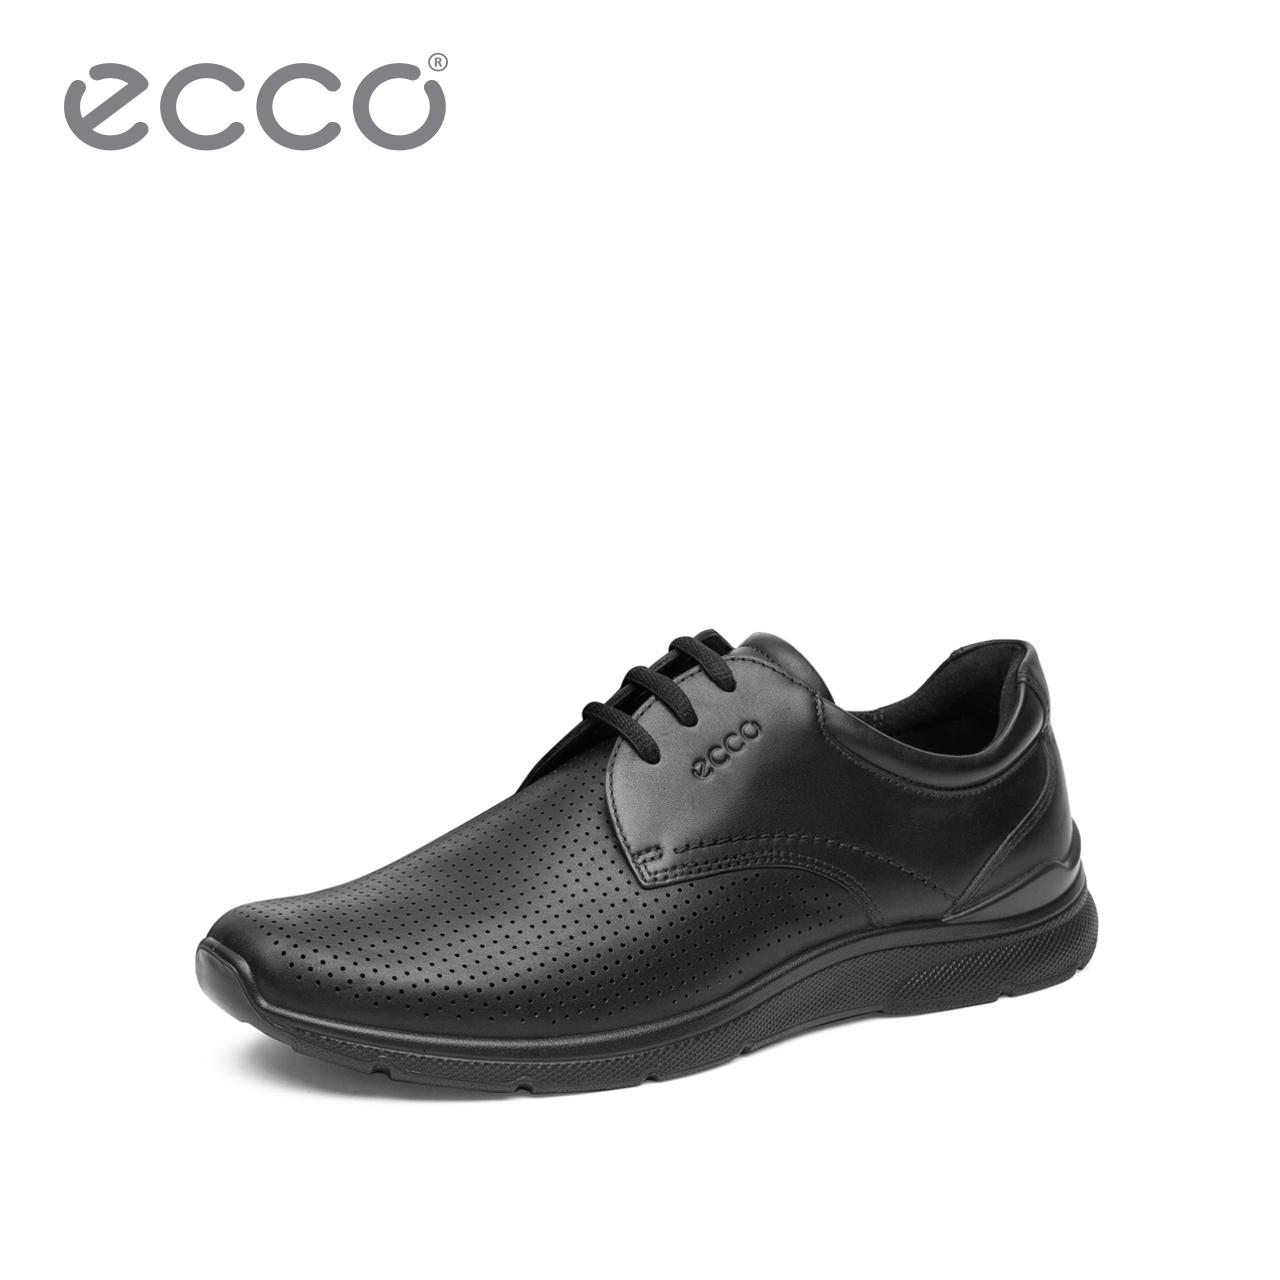 ECCO爱步新款商务青年男鞋 休闲舒适简约透气牛皮鞋 欧文511664